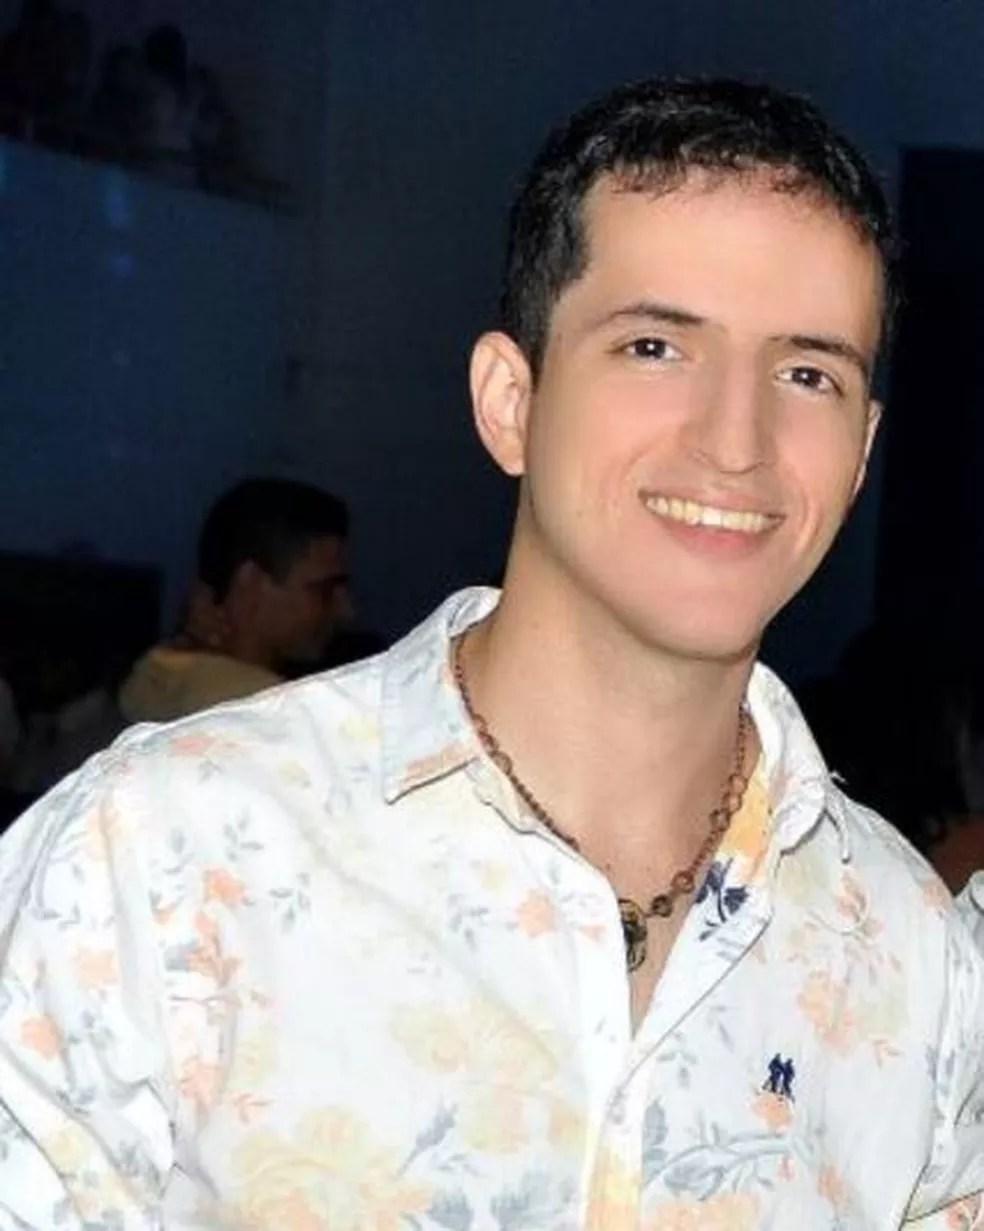 Bruno Borges está fora do país e avisou ao pai que todas as provas devem ser diponibilizadas gratuitamente (Foto: Arquivo pessoal )